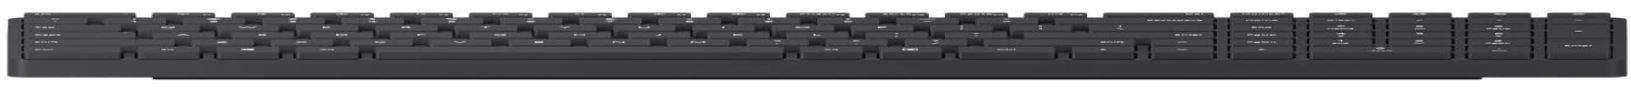 MICROSOFT Designer Bluetooth Desktop Tastatur & Maus Set für 46,75€ (statt 62€)